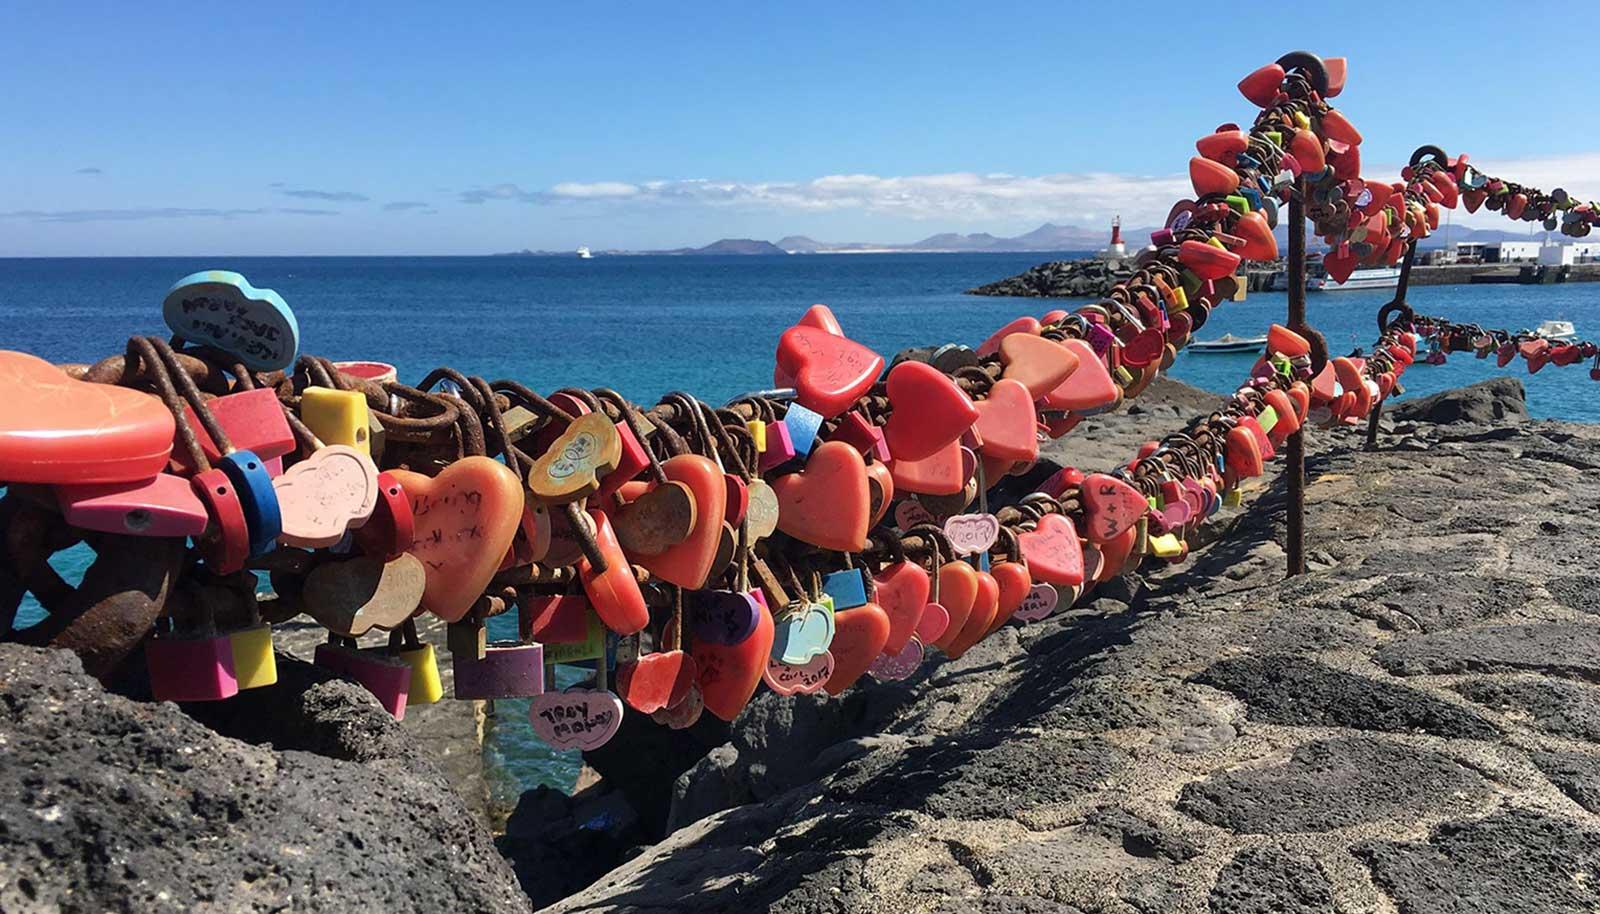 Love locks in Playa Blanca, Lanzarote